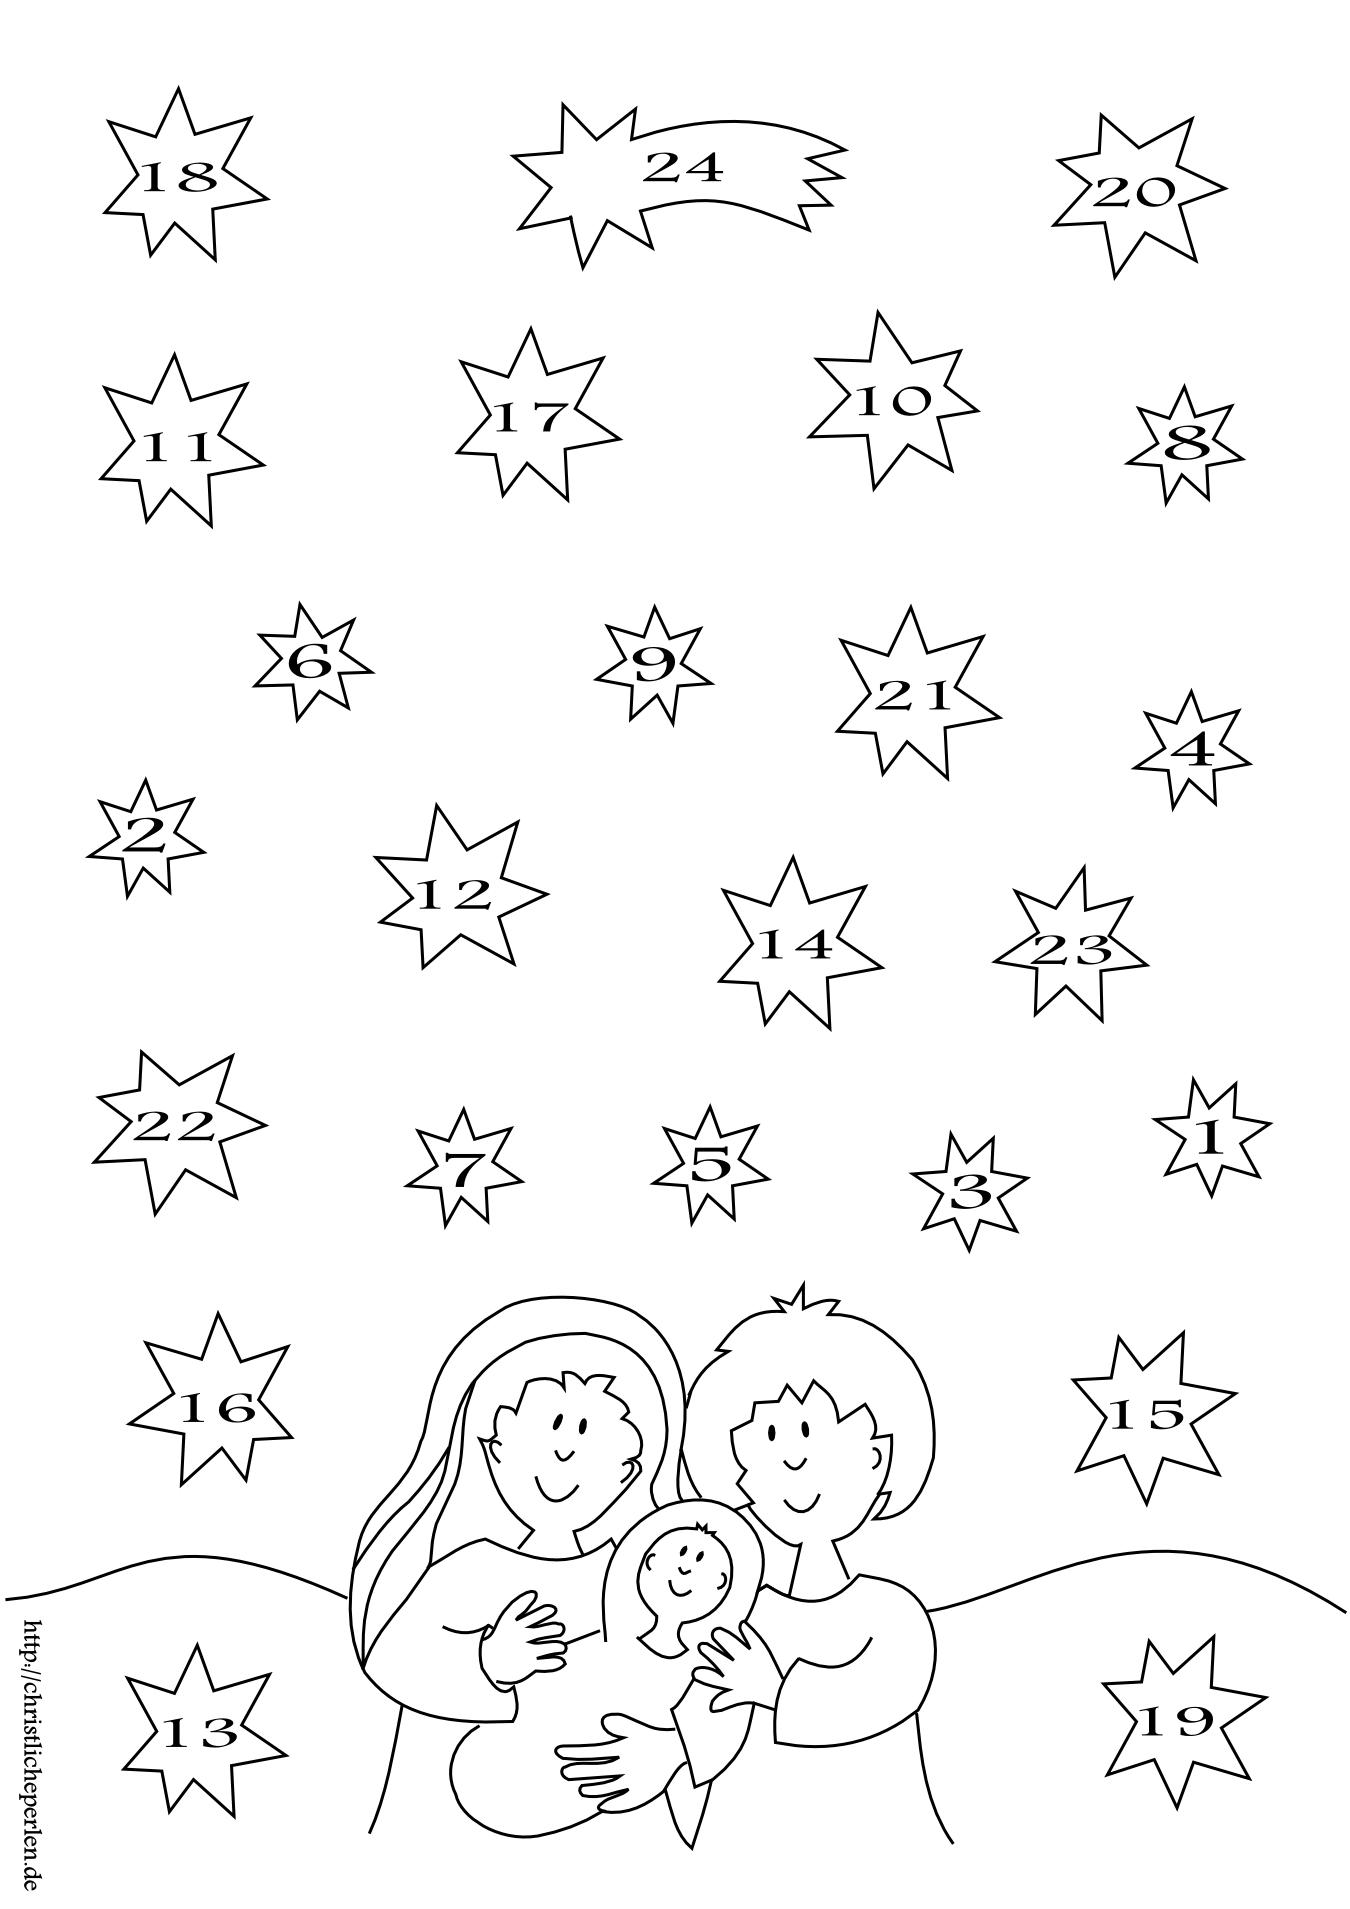 Weihnachten Christliche Perlen Christliche Perlen Weihnachten Christmas Calendar Christmas Crafts For Kids Christmas Advent